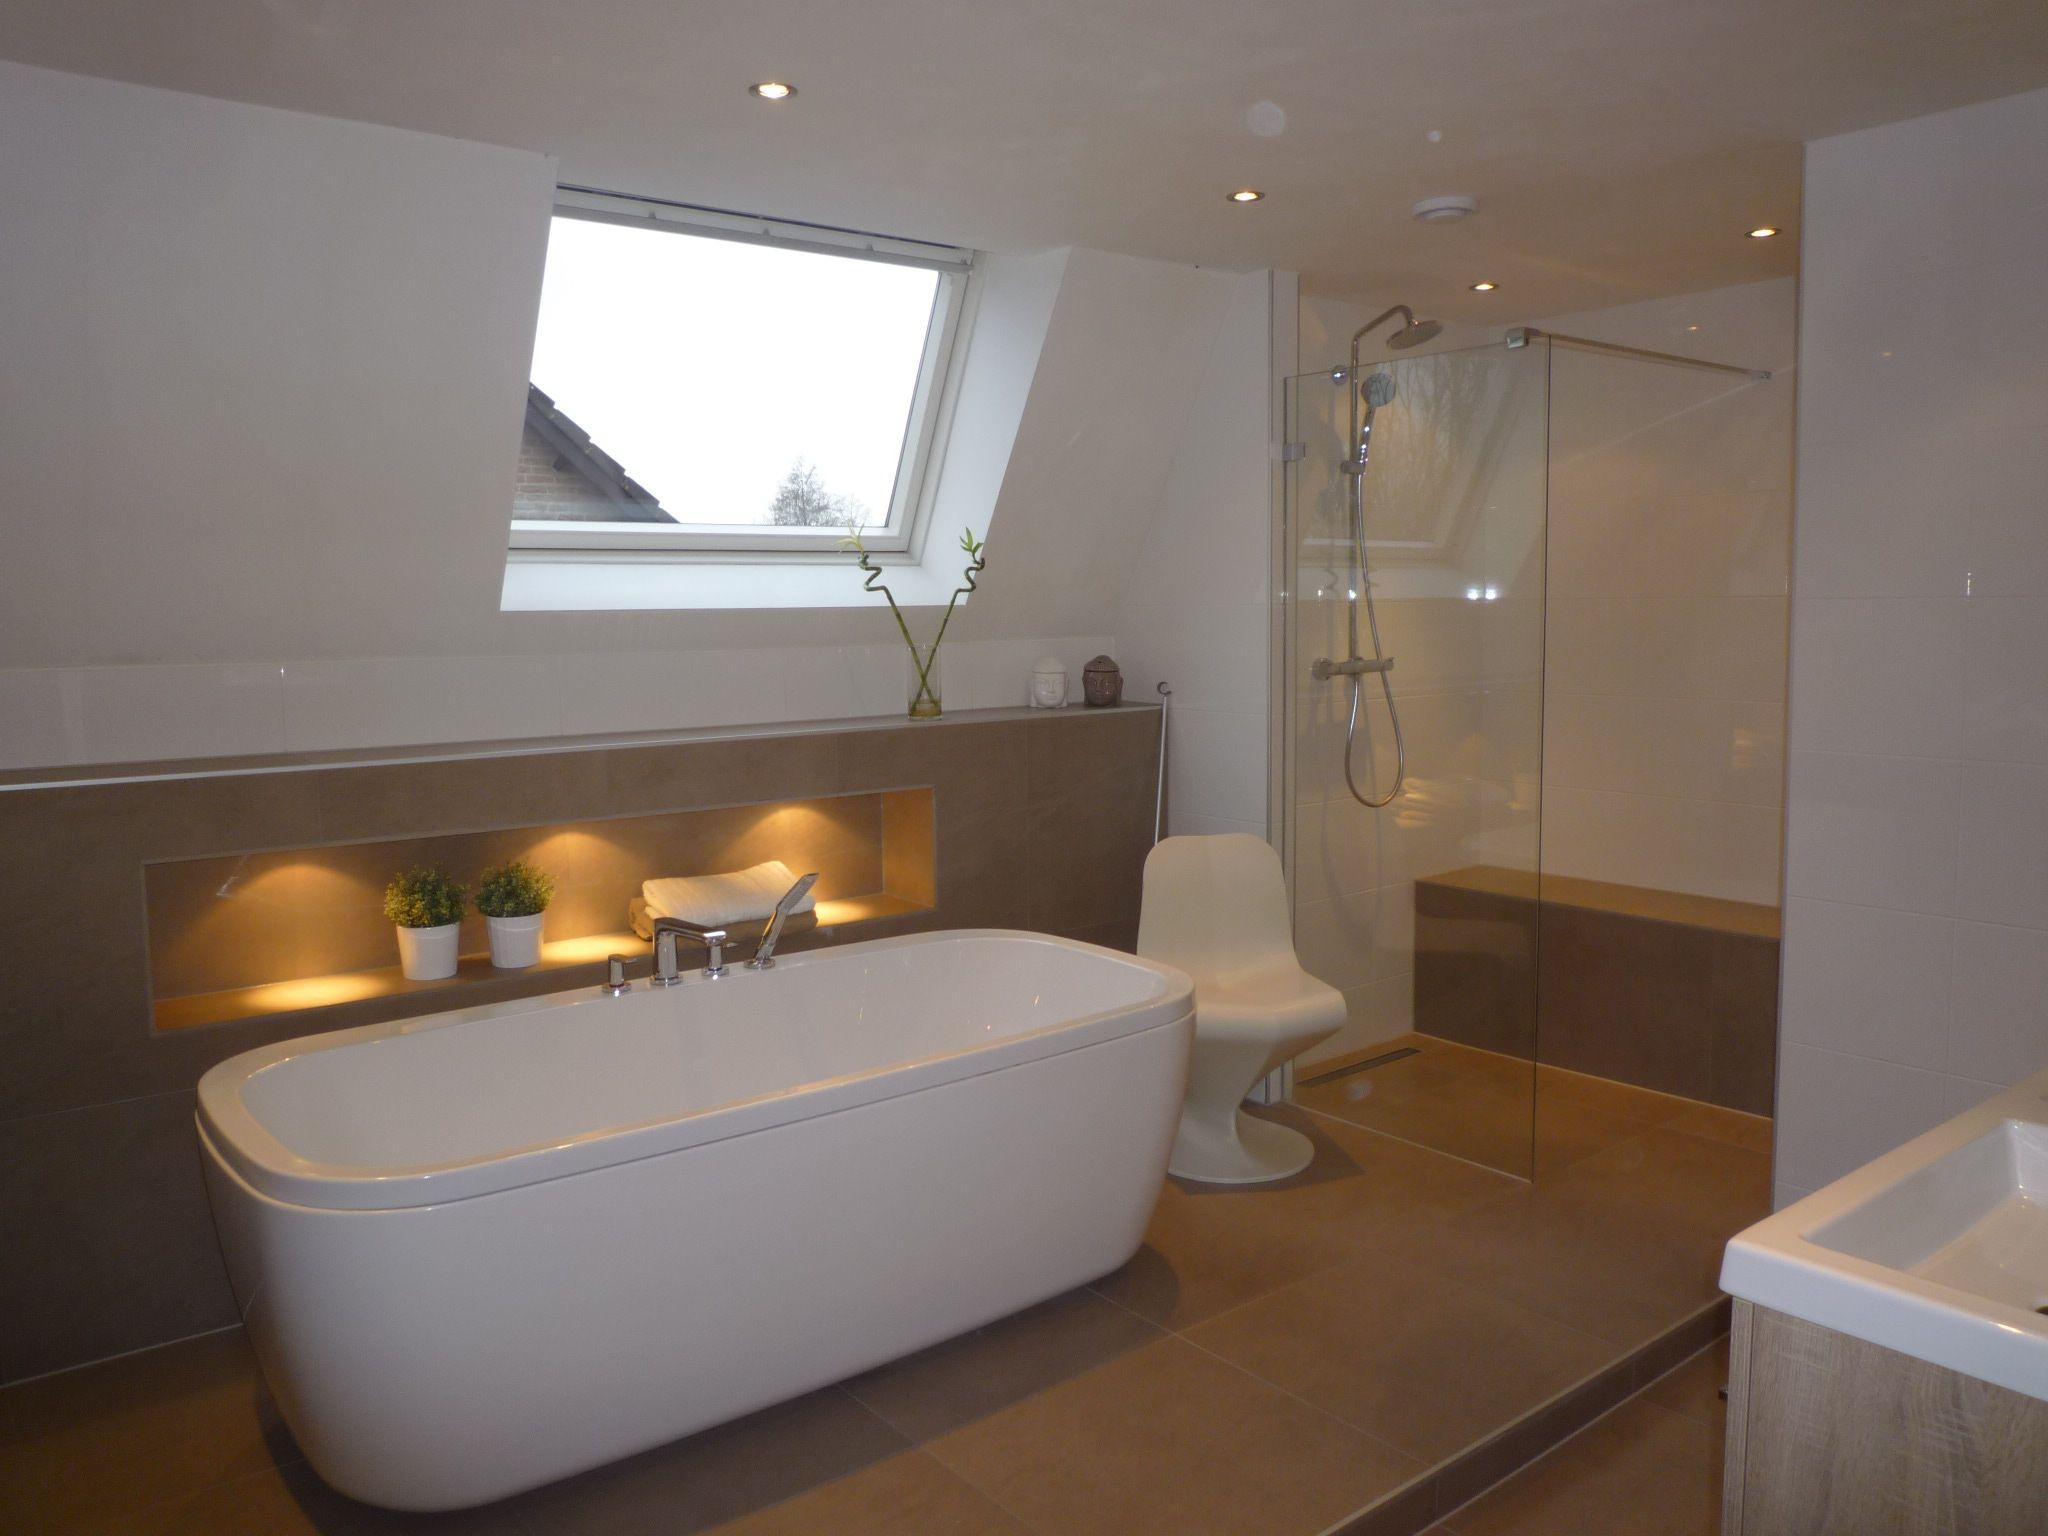 Gerealiseerde badkamer door Sanidrõme Bouter met o.a. een bad ...